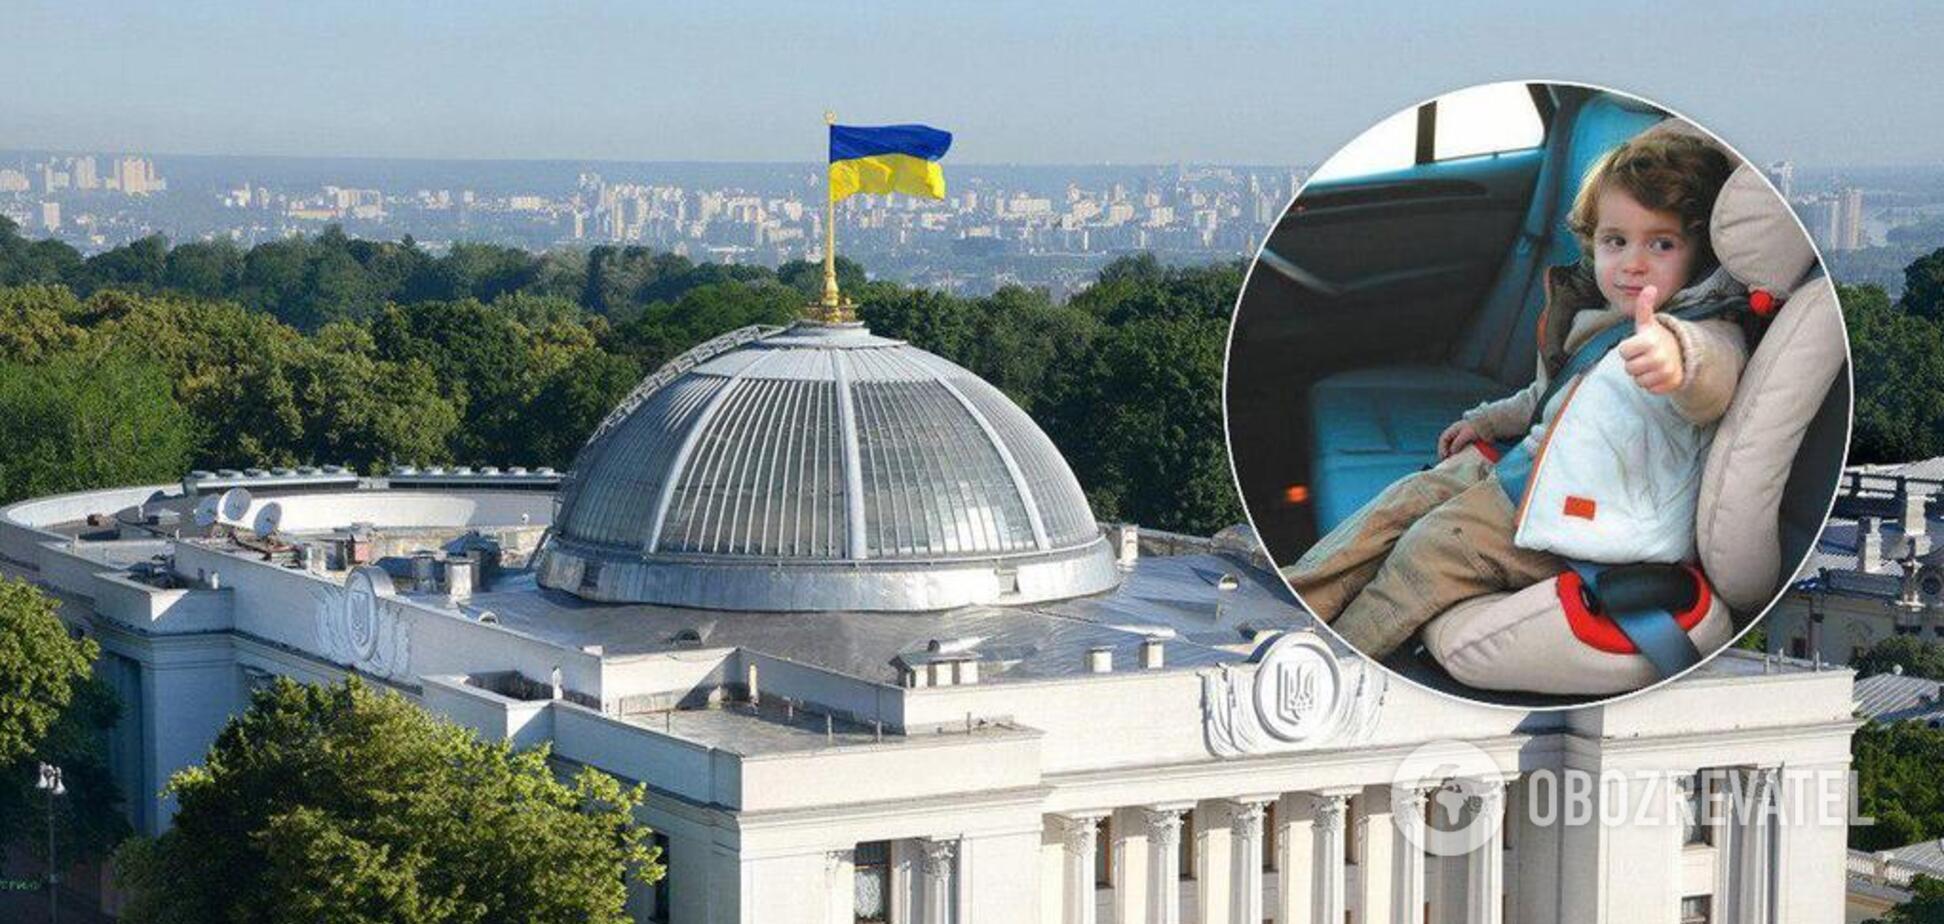 В Україні введуть штрафи за перевезення дітей без автокрісел: всі деталі